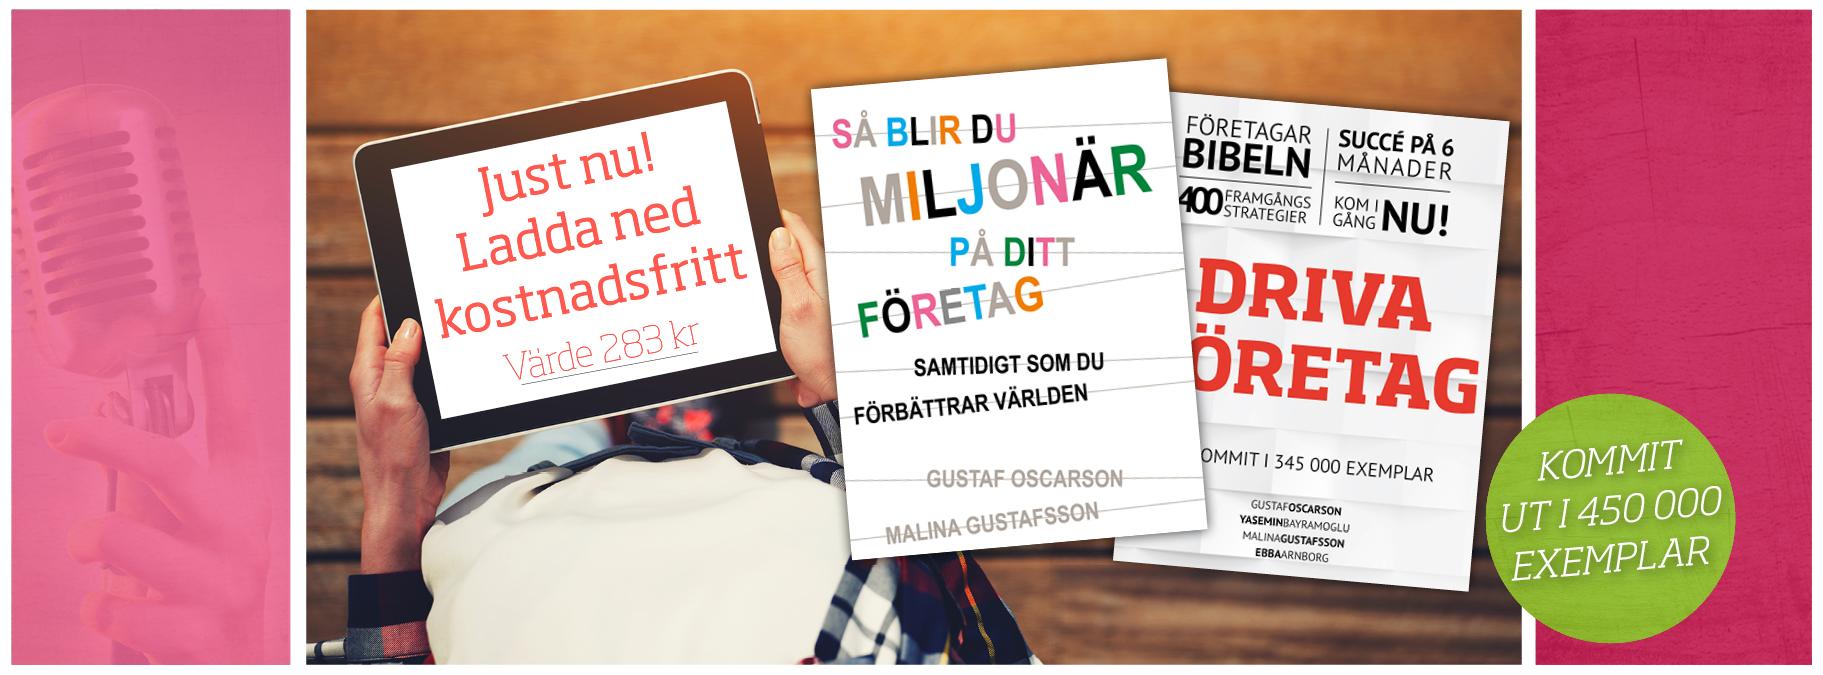 """Just nu: Ladda ned böckerna """"Så blir du miljonär på ditt företag"""" och """"Driva Företag"""" kostnadsfritt (värde 283 kr)"""